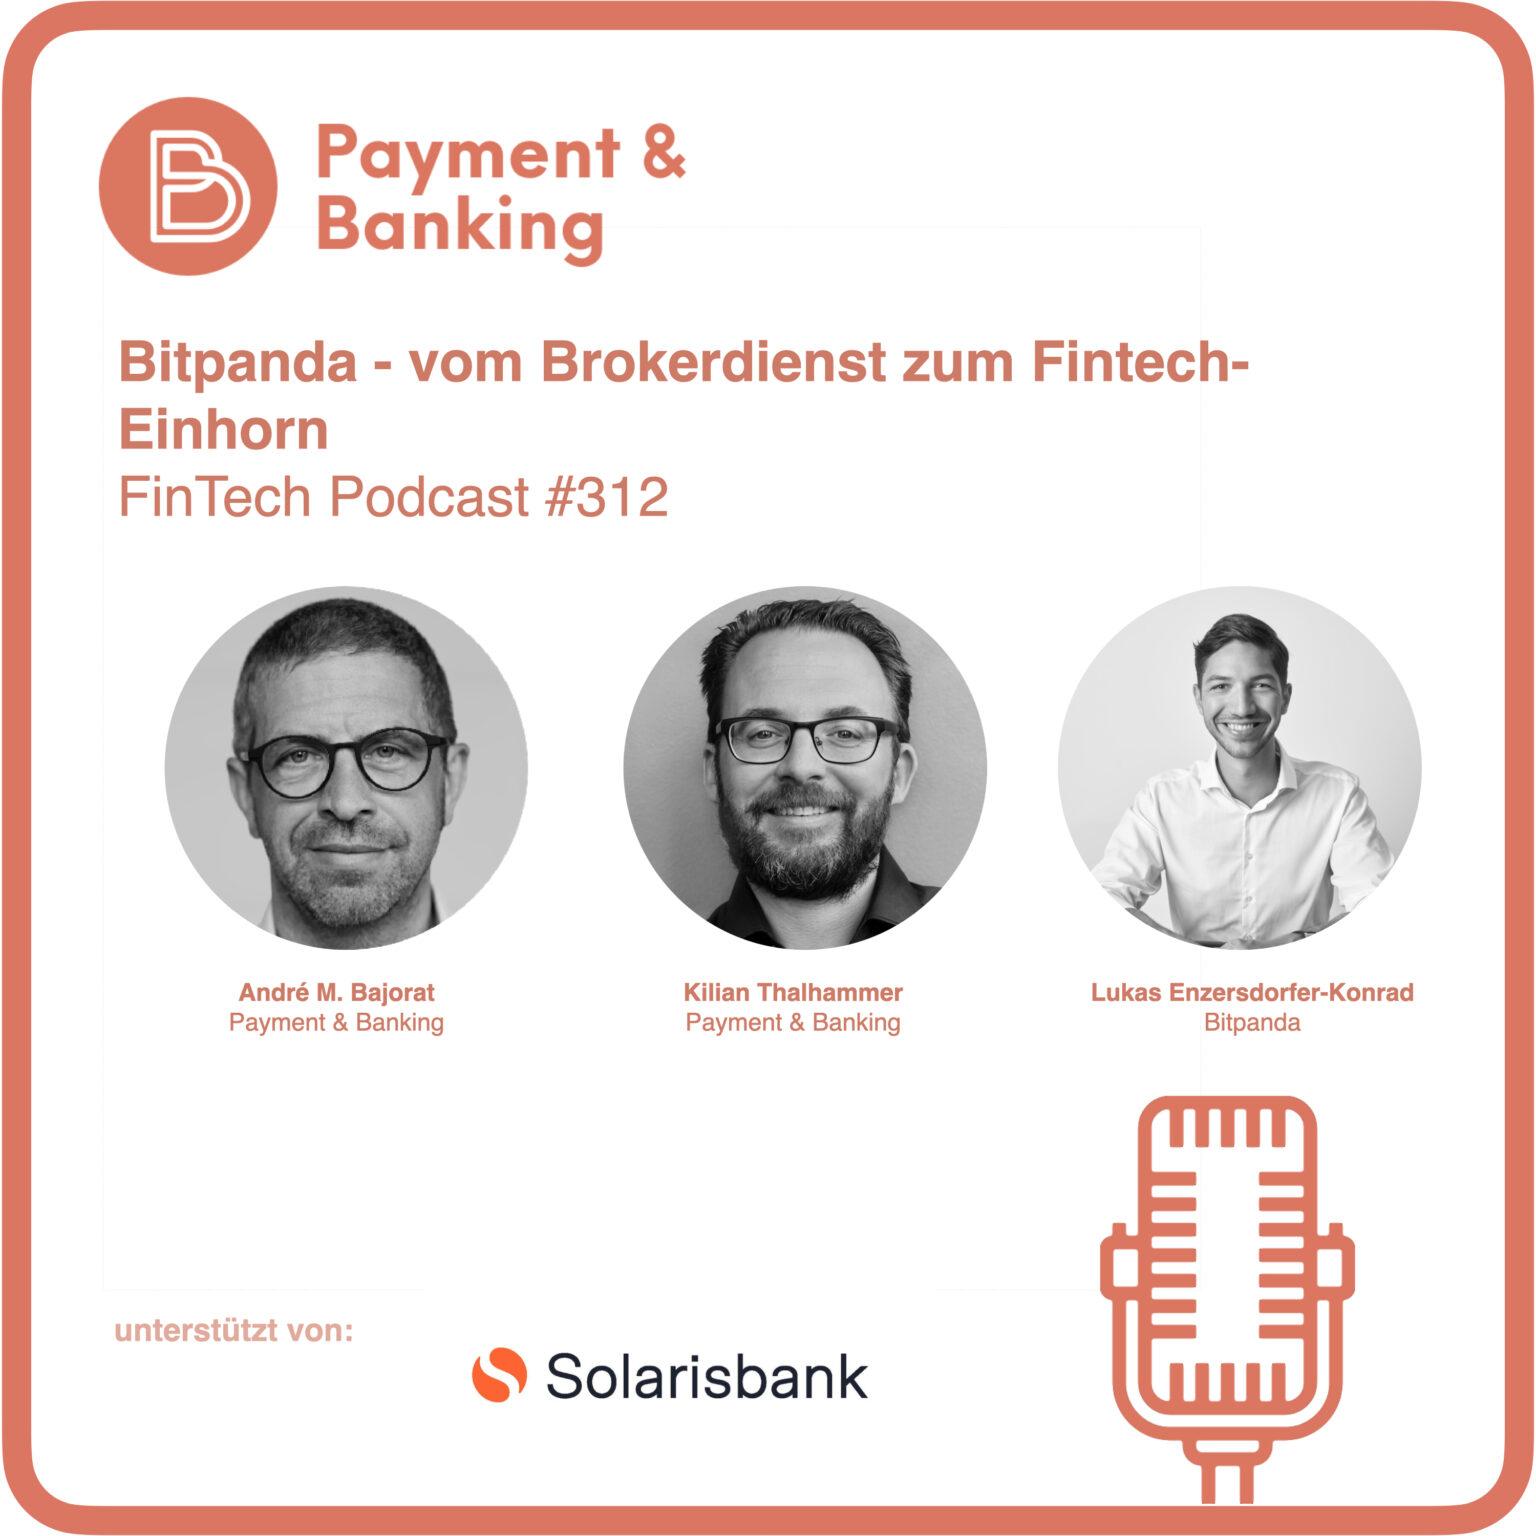 Bitpanda - vom Brokerdienst zum Fintech-Einhorn